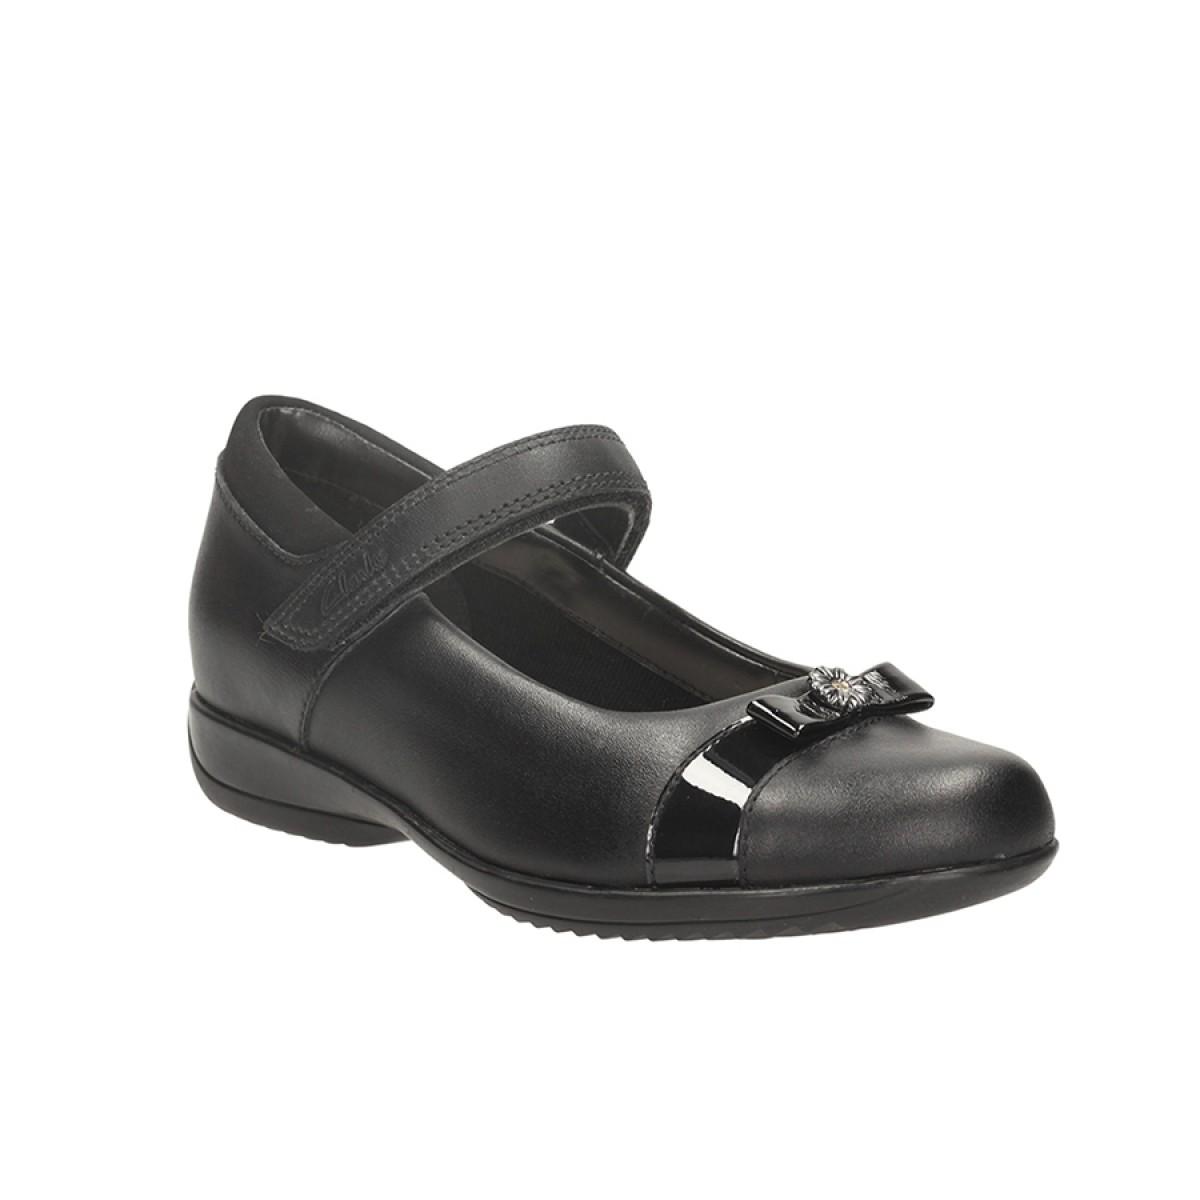 Clarks Village Shoes